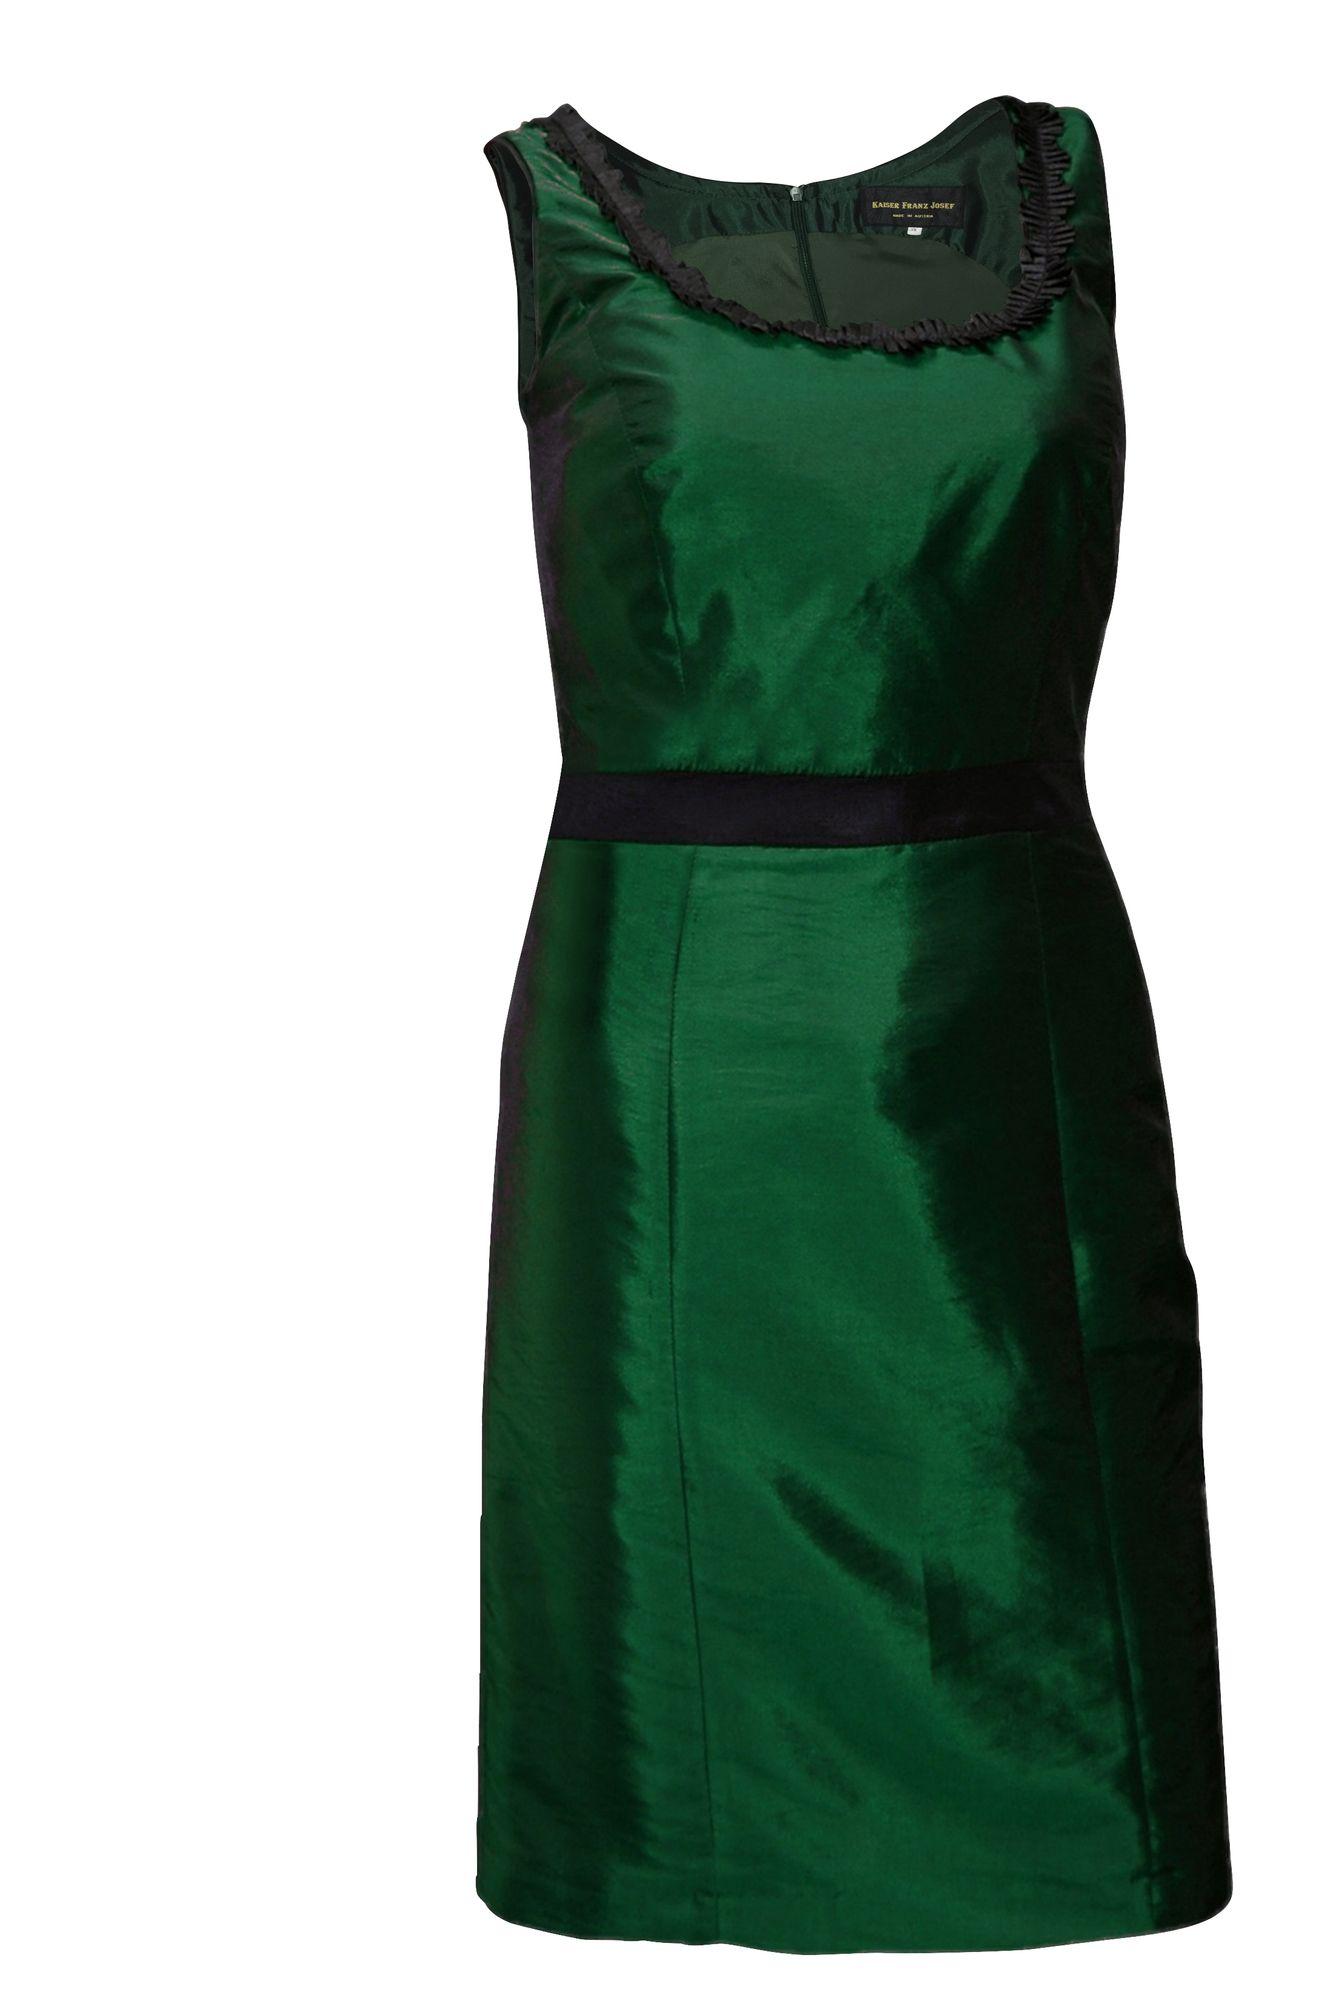 Trachtenkleid Abendkleid Dirndlkleid Dirndl Etuikleid Taft Ball-Kleid  dunkelgrün  Trachten-Mayr Kostenloser Versand und Rückversand für  Deutschland